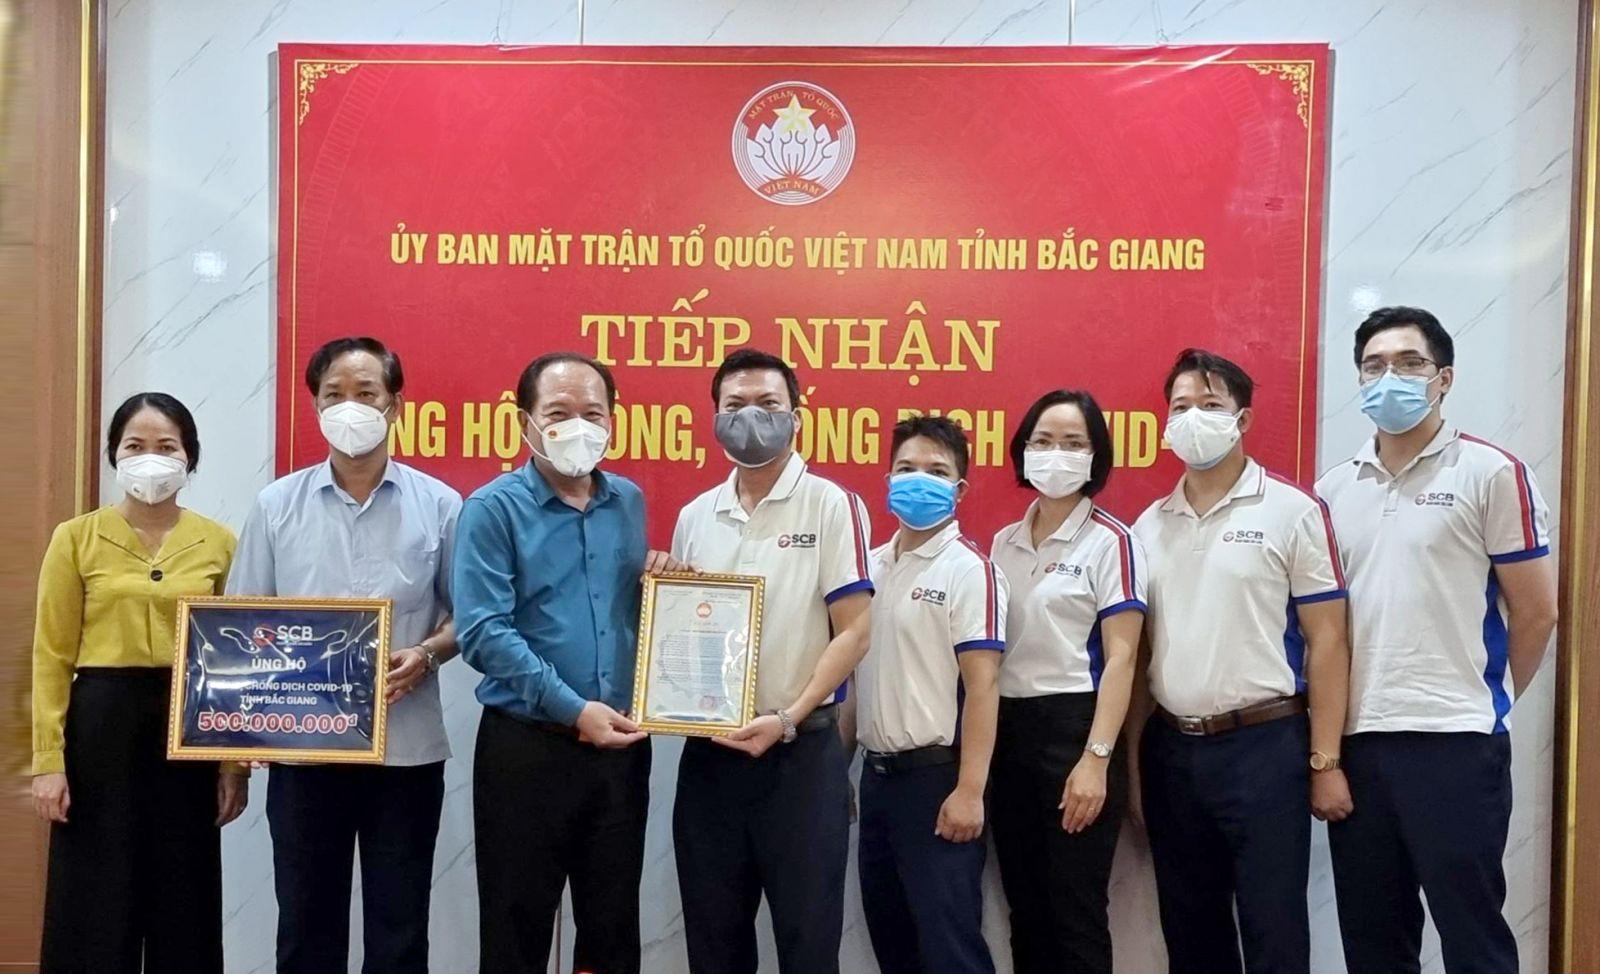 SCB trao tặng 500 triệu đồng cho UBMTTQ tỉnh Bắc Giang